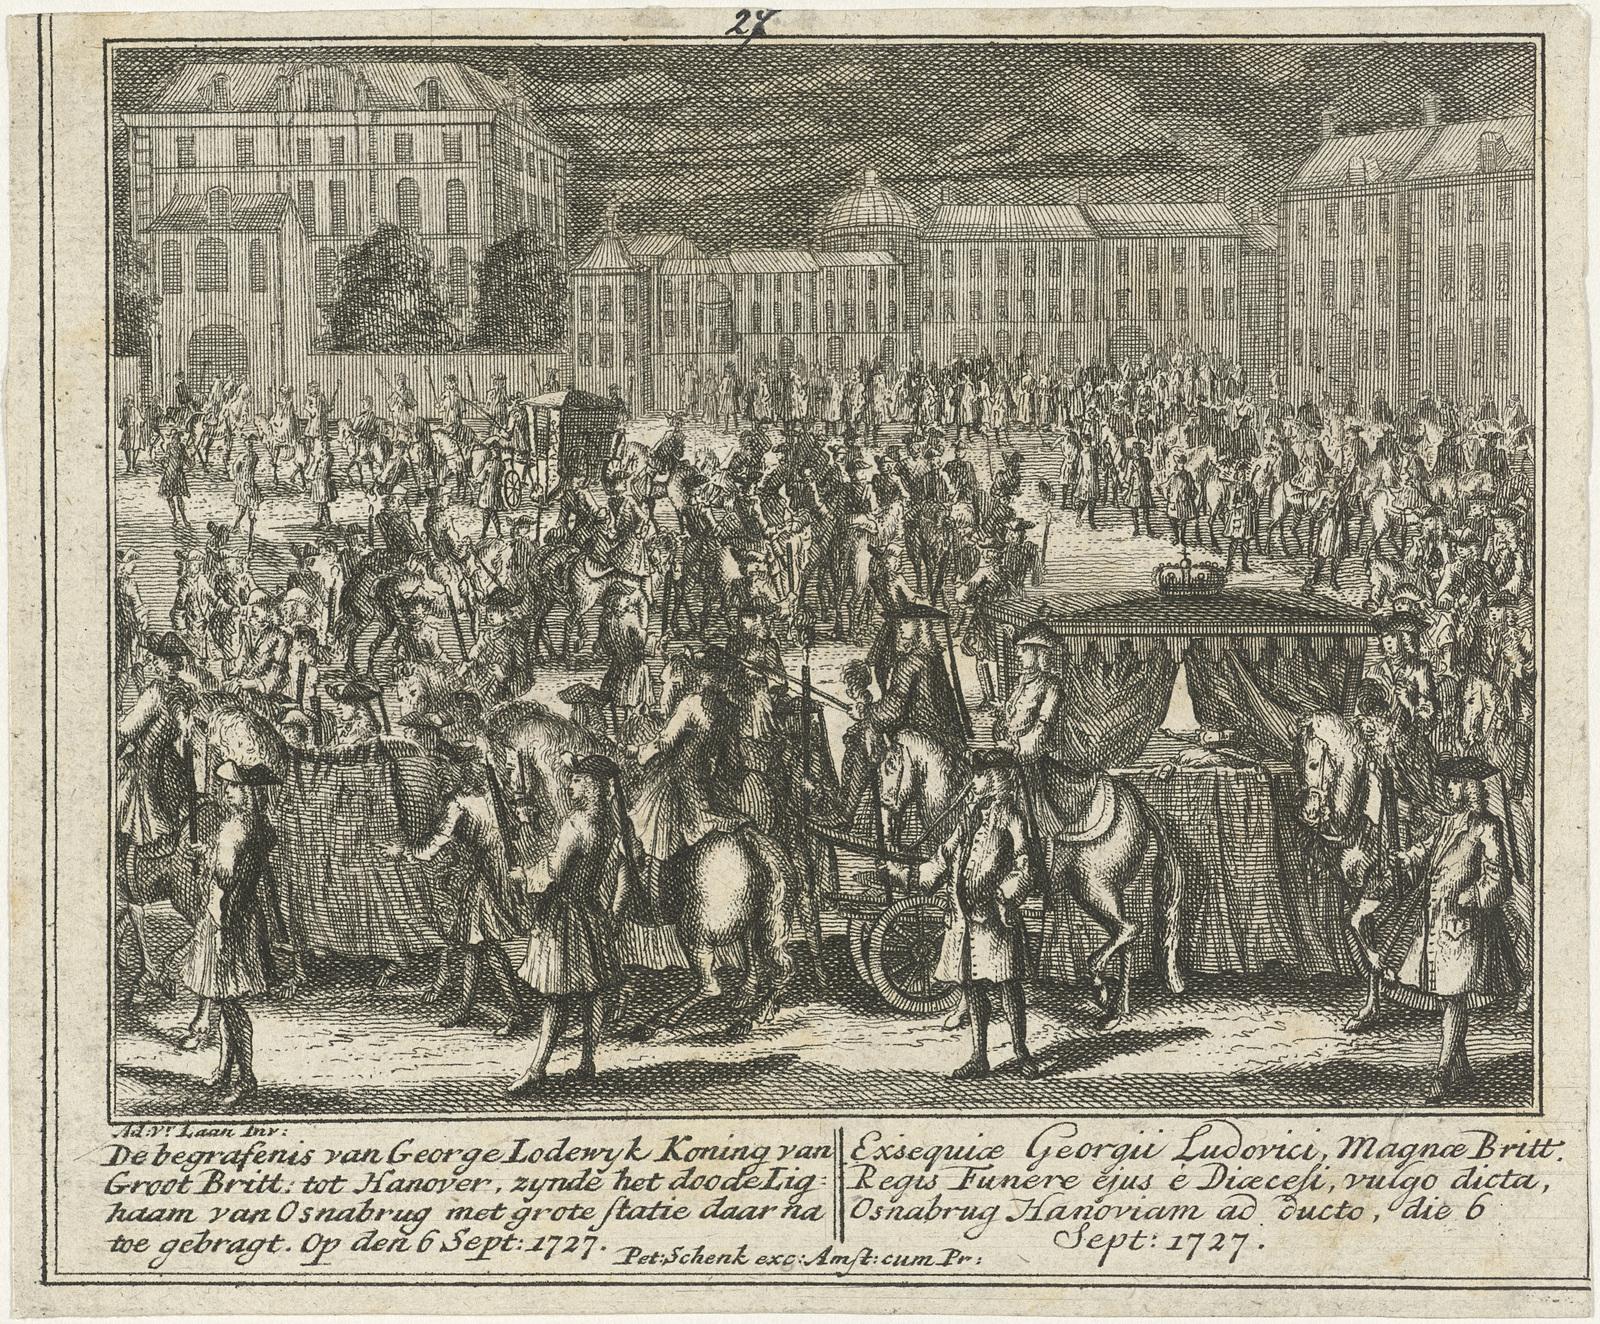 Lijkstatie van George I, koning van Engeland, 1727